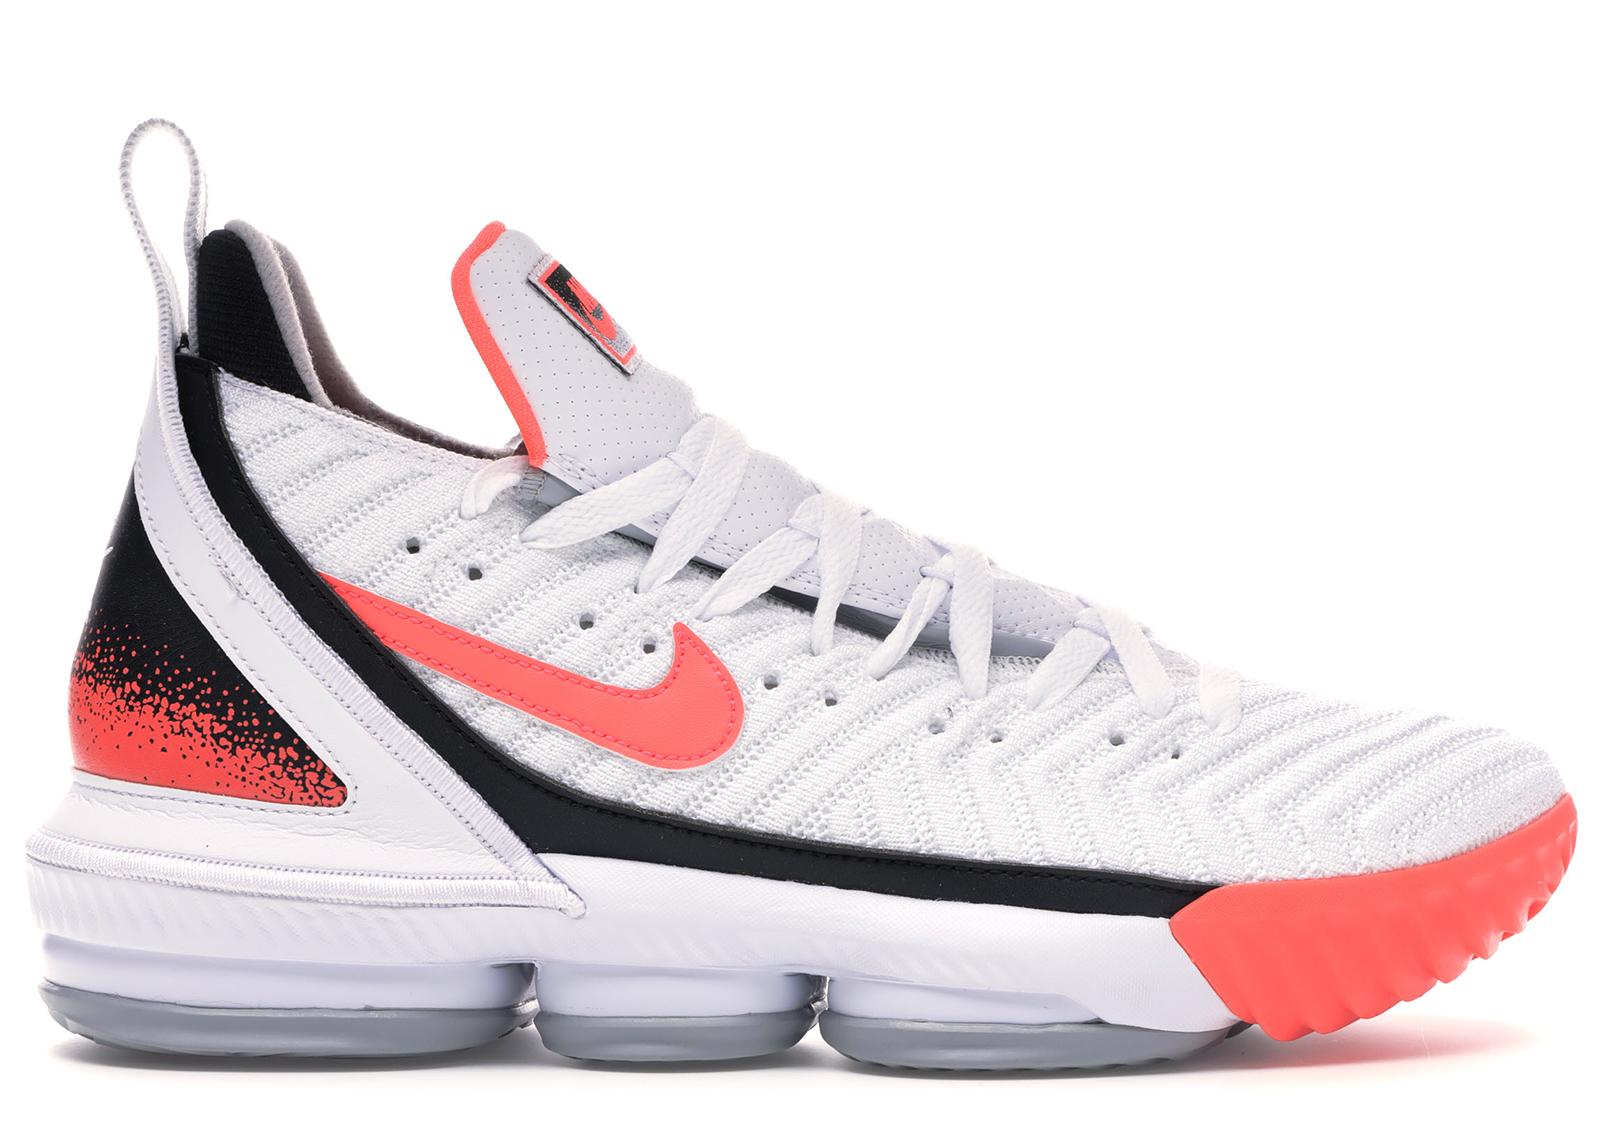 Nike LeBron 16 White Hot Lava - CI1521-100